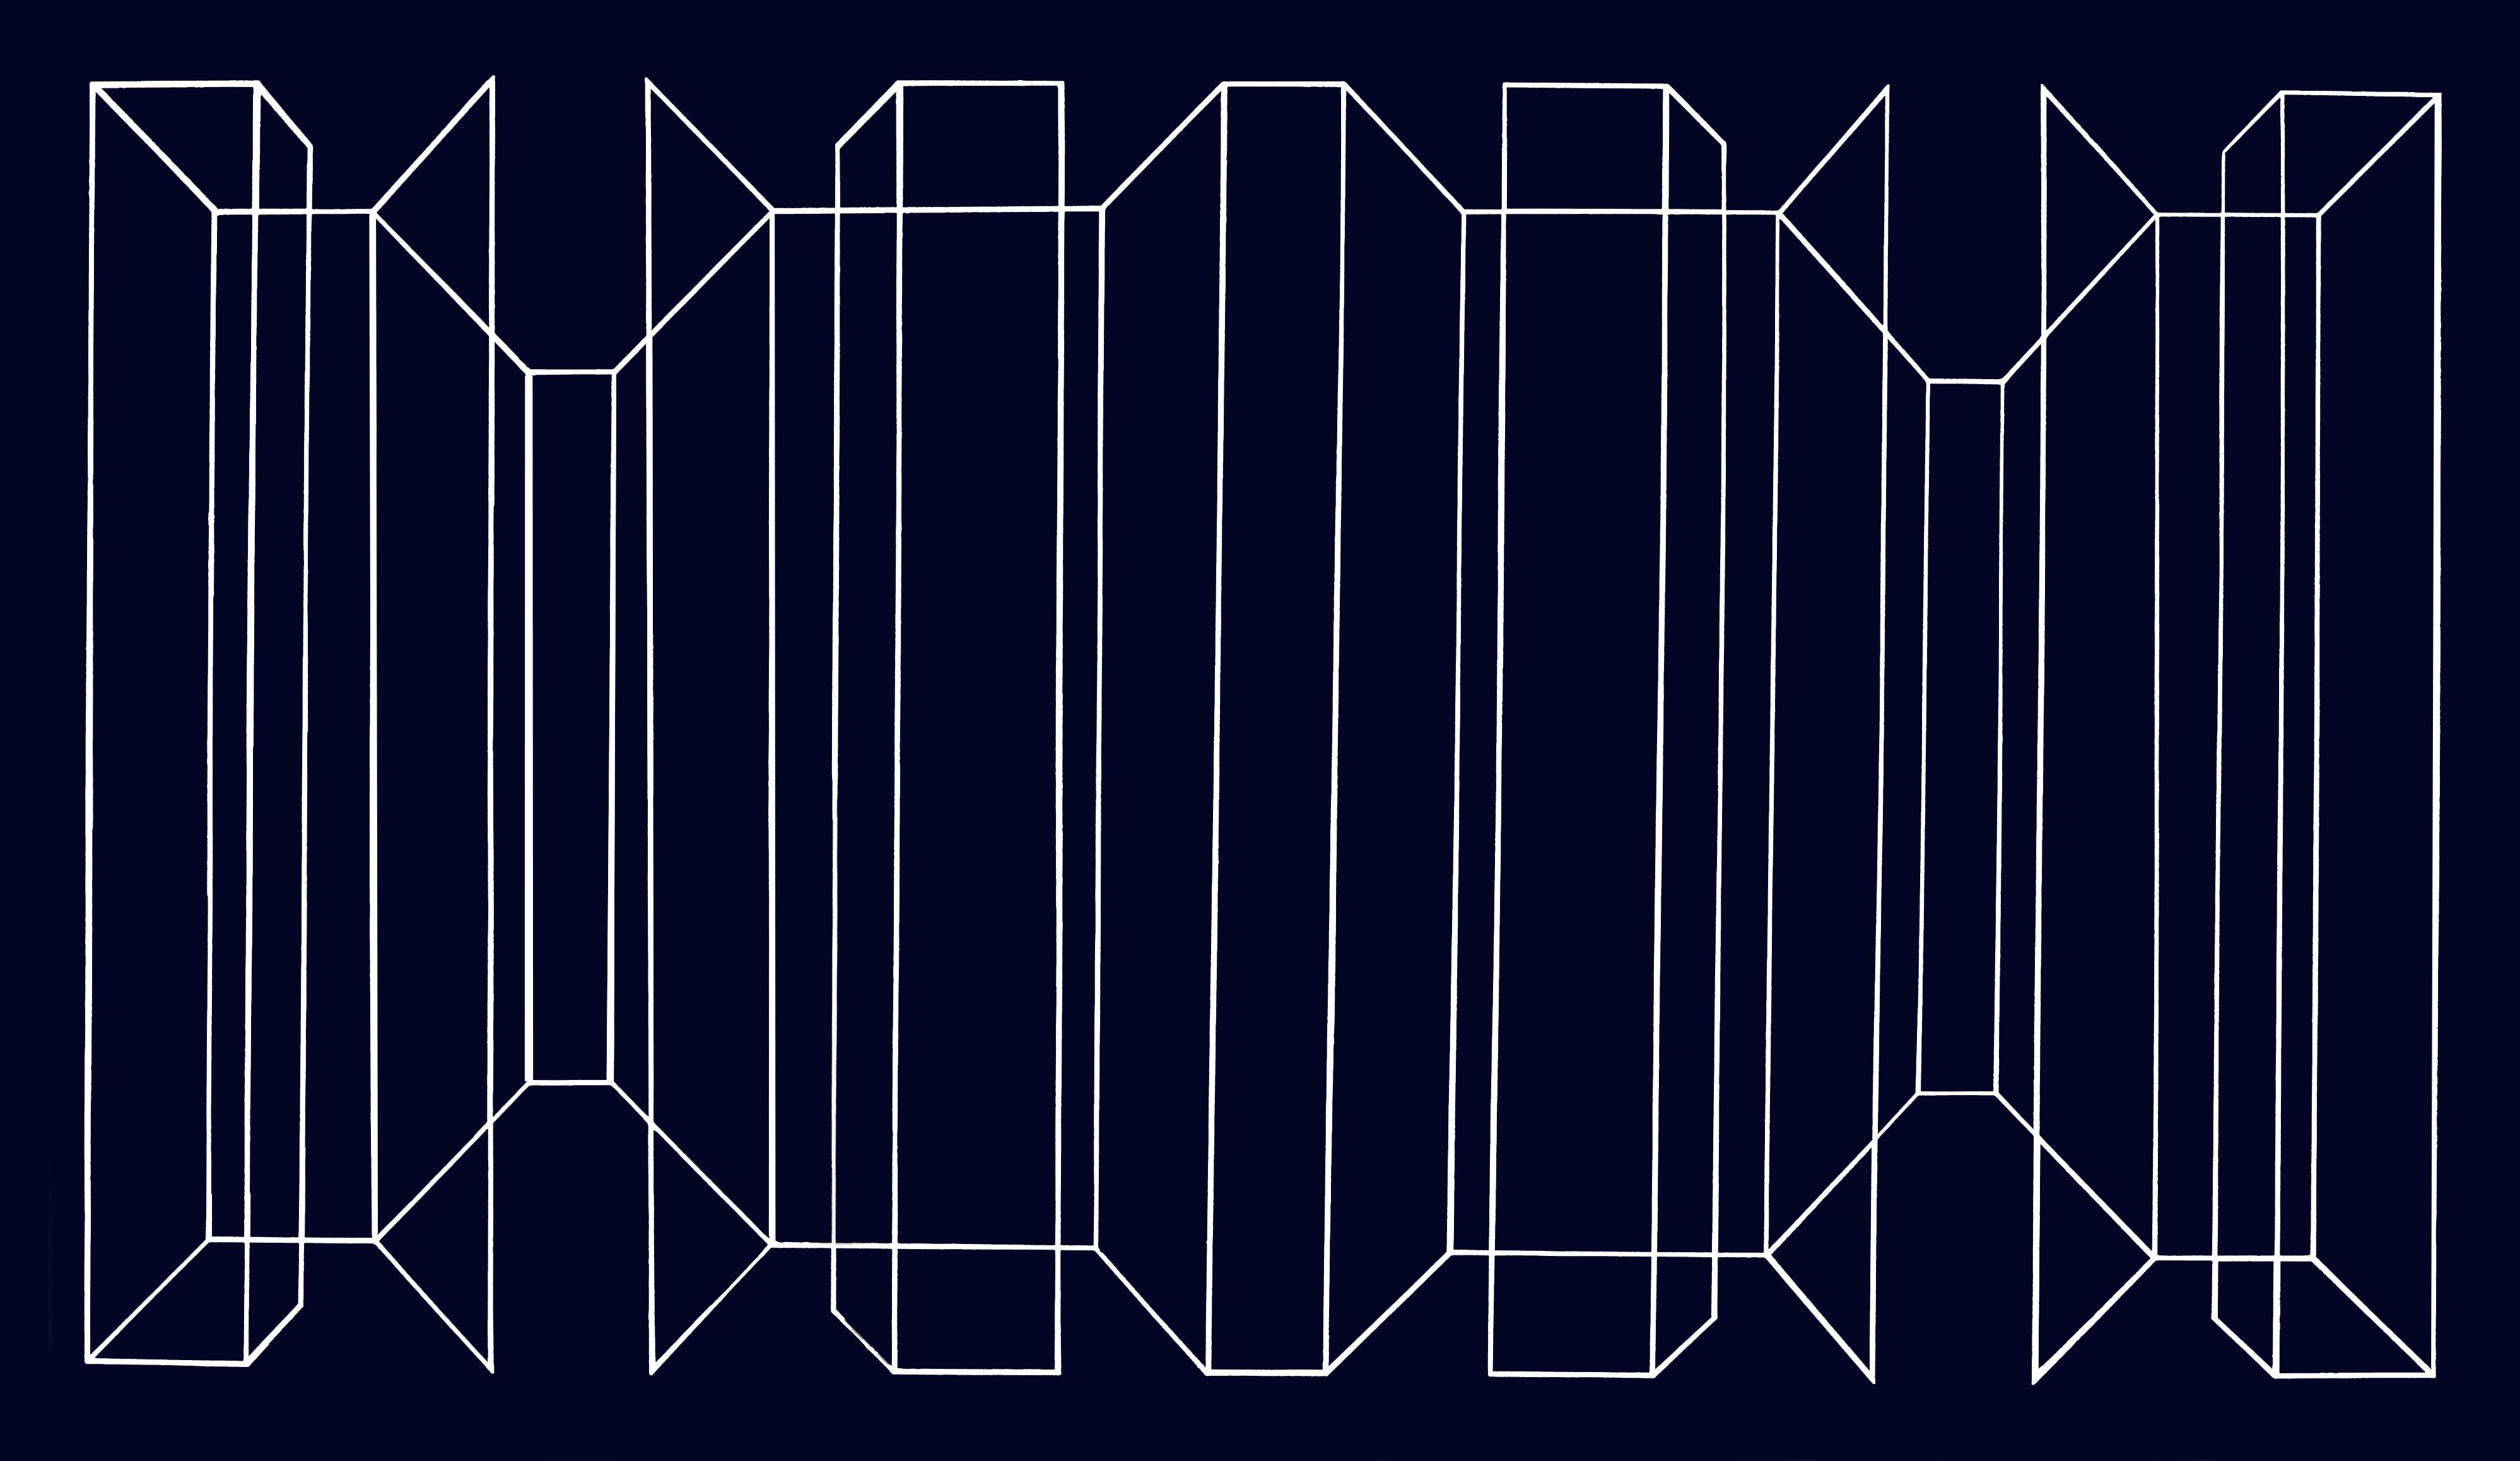 Las puertas de Sirio V / Sirio's Doors V.